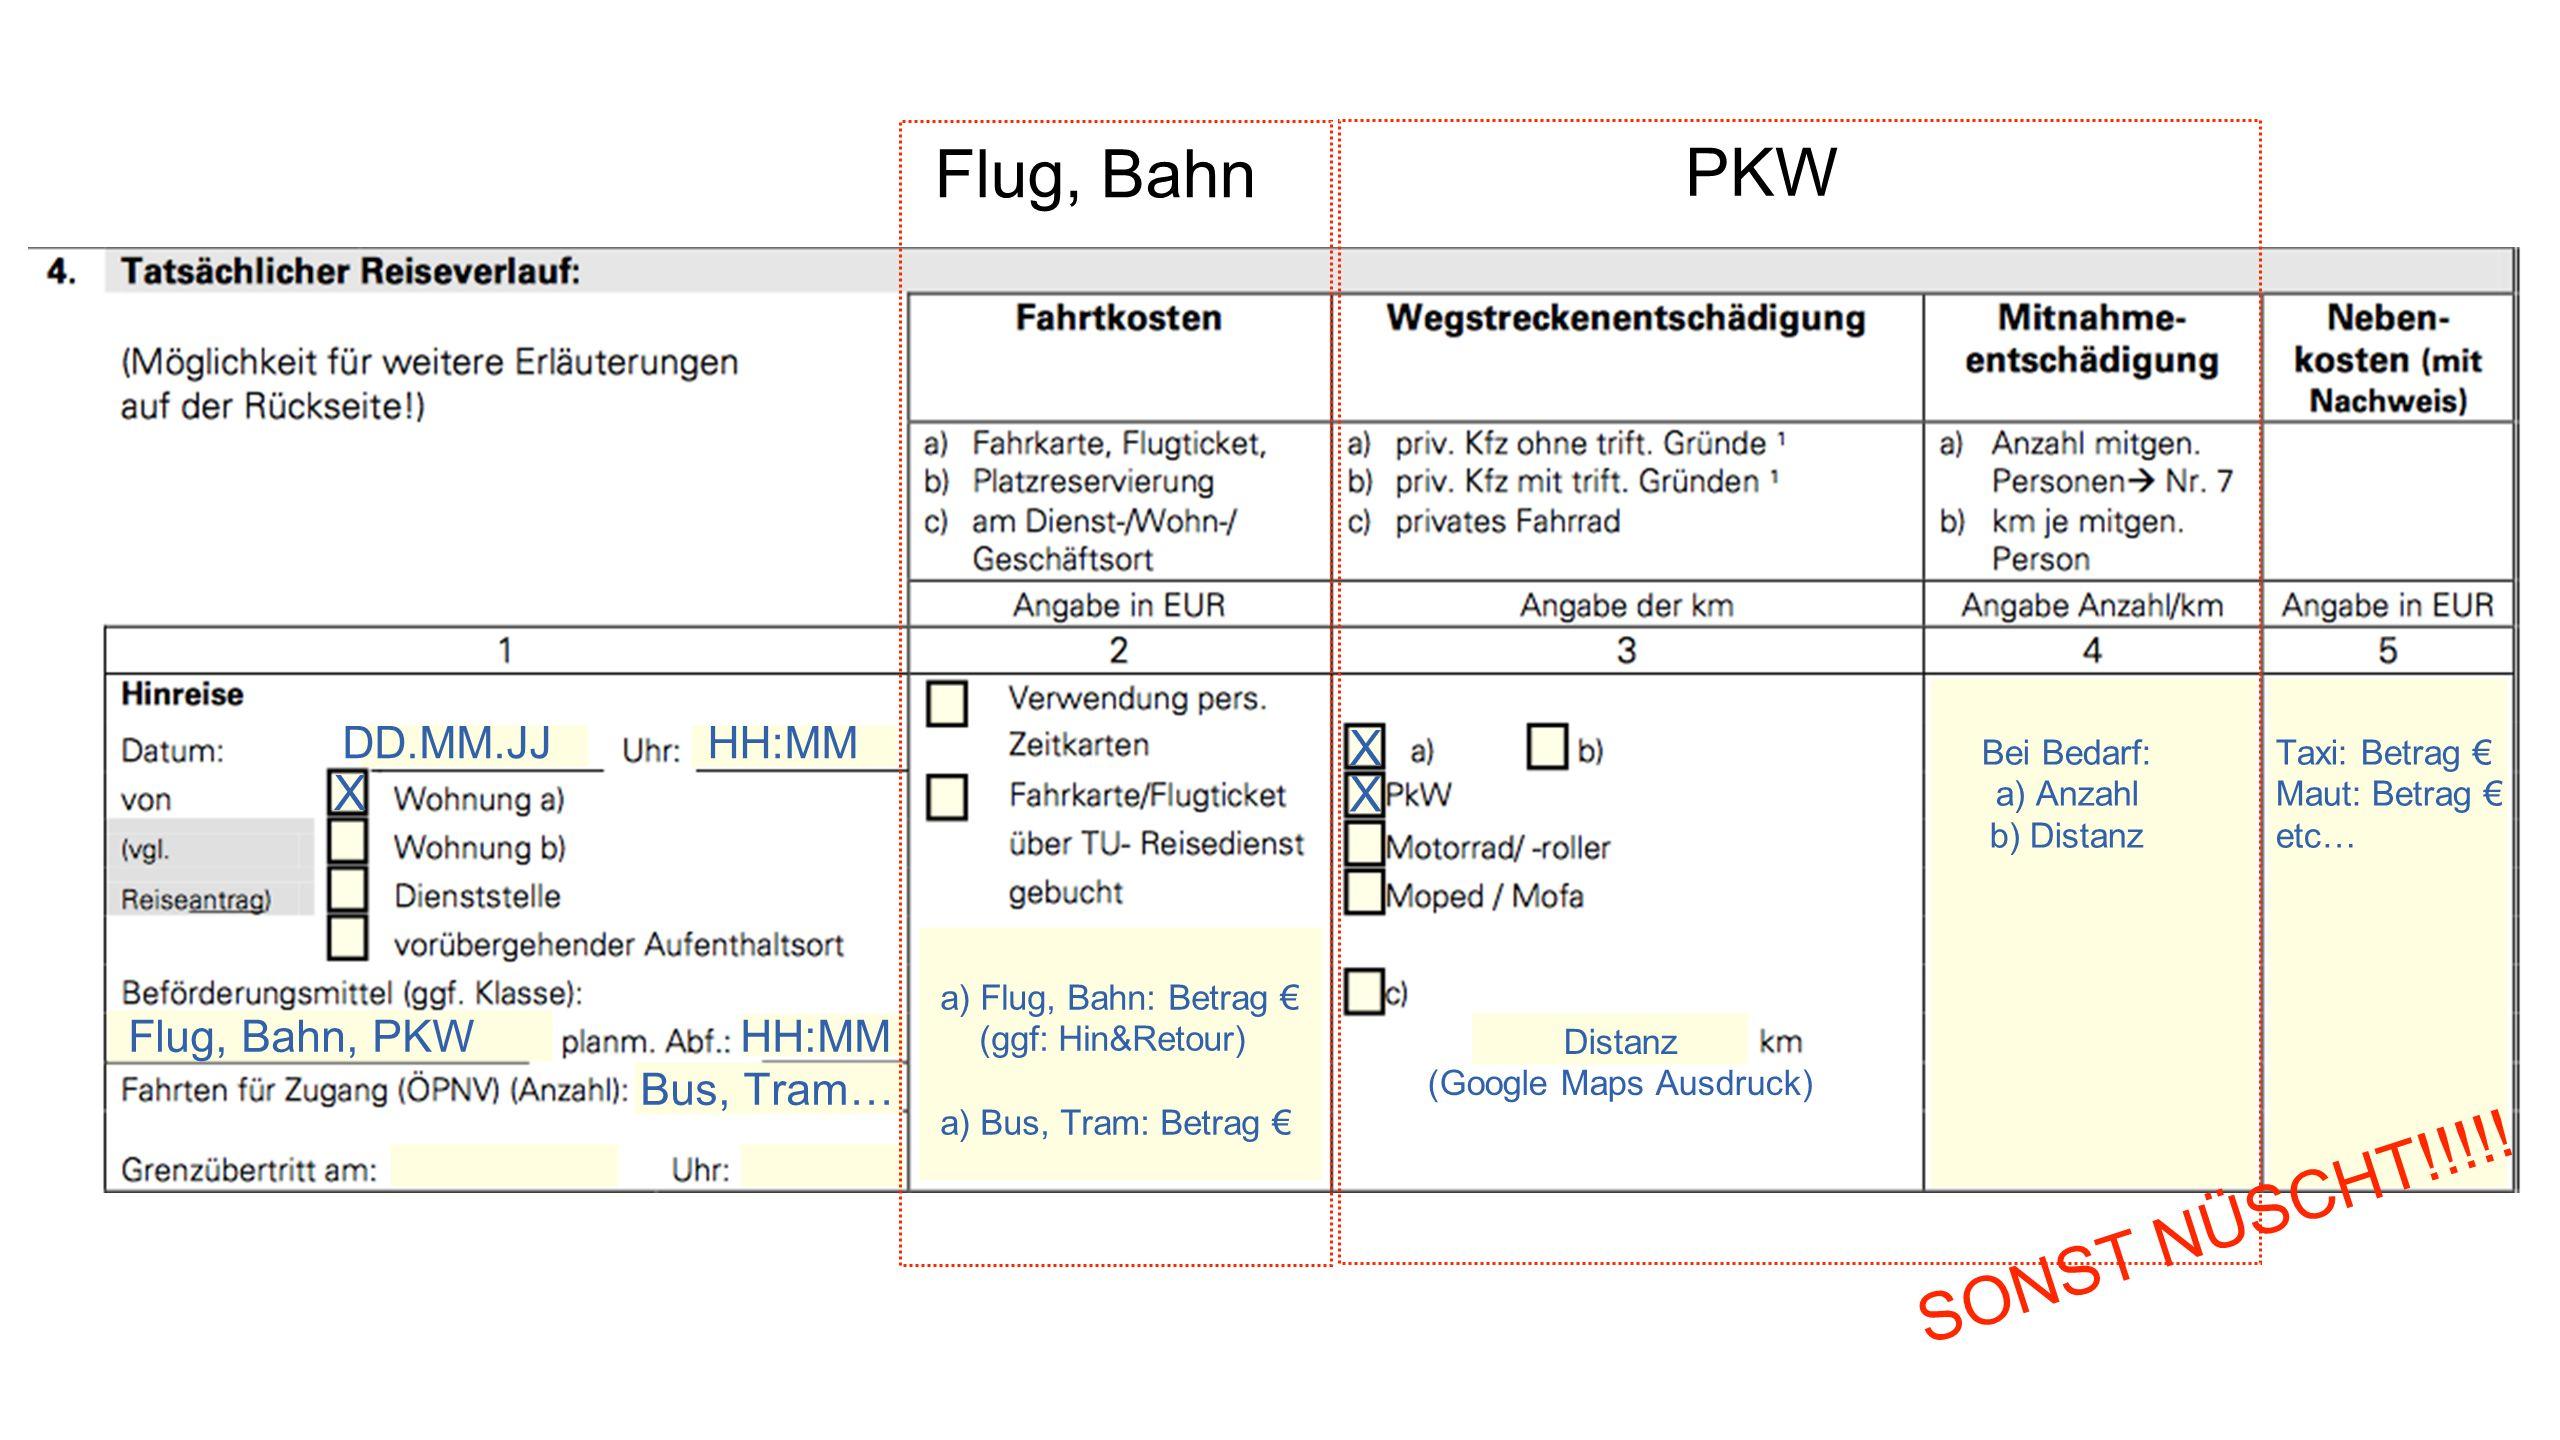 PKW DD.MM.JJHH:MM X Flug, Bahn, PKWHH:MM Bus, Tram… Flug, Bahn a) Flug, Bahn: Betrag € (ggf: Hin&Retour) a) Bus, Tram: Betrag € X X Distanz (Google Maps Ausdruck) Bei Bedarf: a) Anzahl b) Distanz Taxi: Betrag € Maut: Betrag € etc… SONST NÜSCHT!!!!!